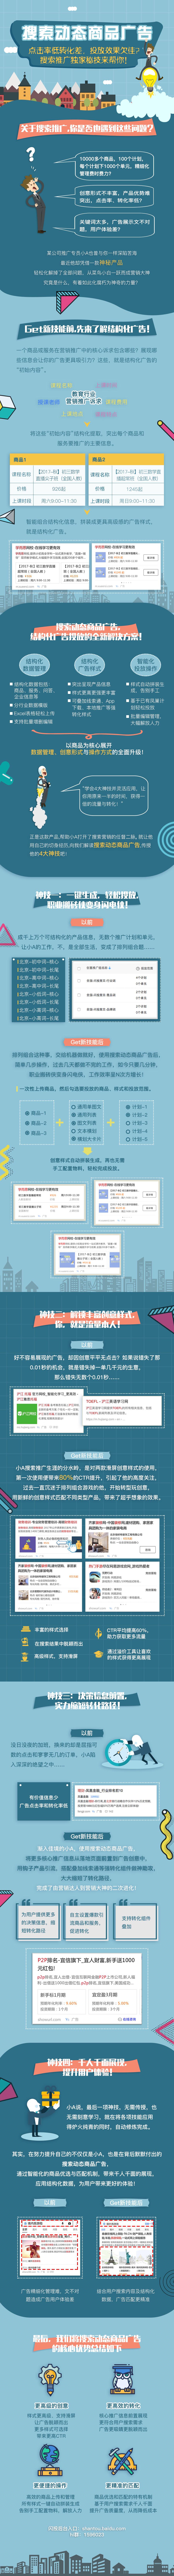 搜索动态商品广告整图.jpg